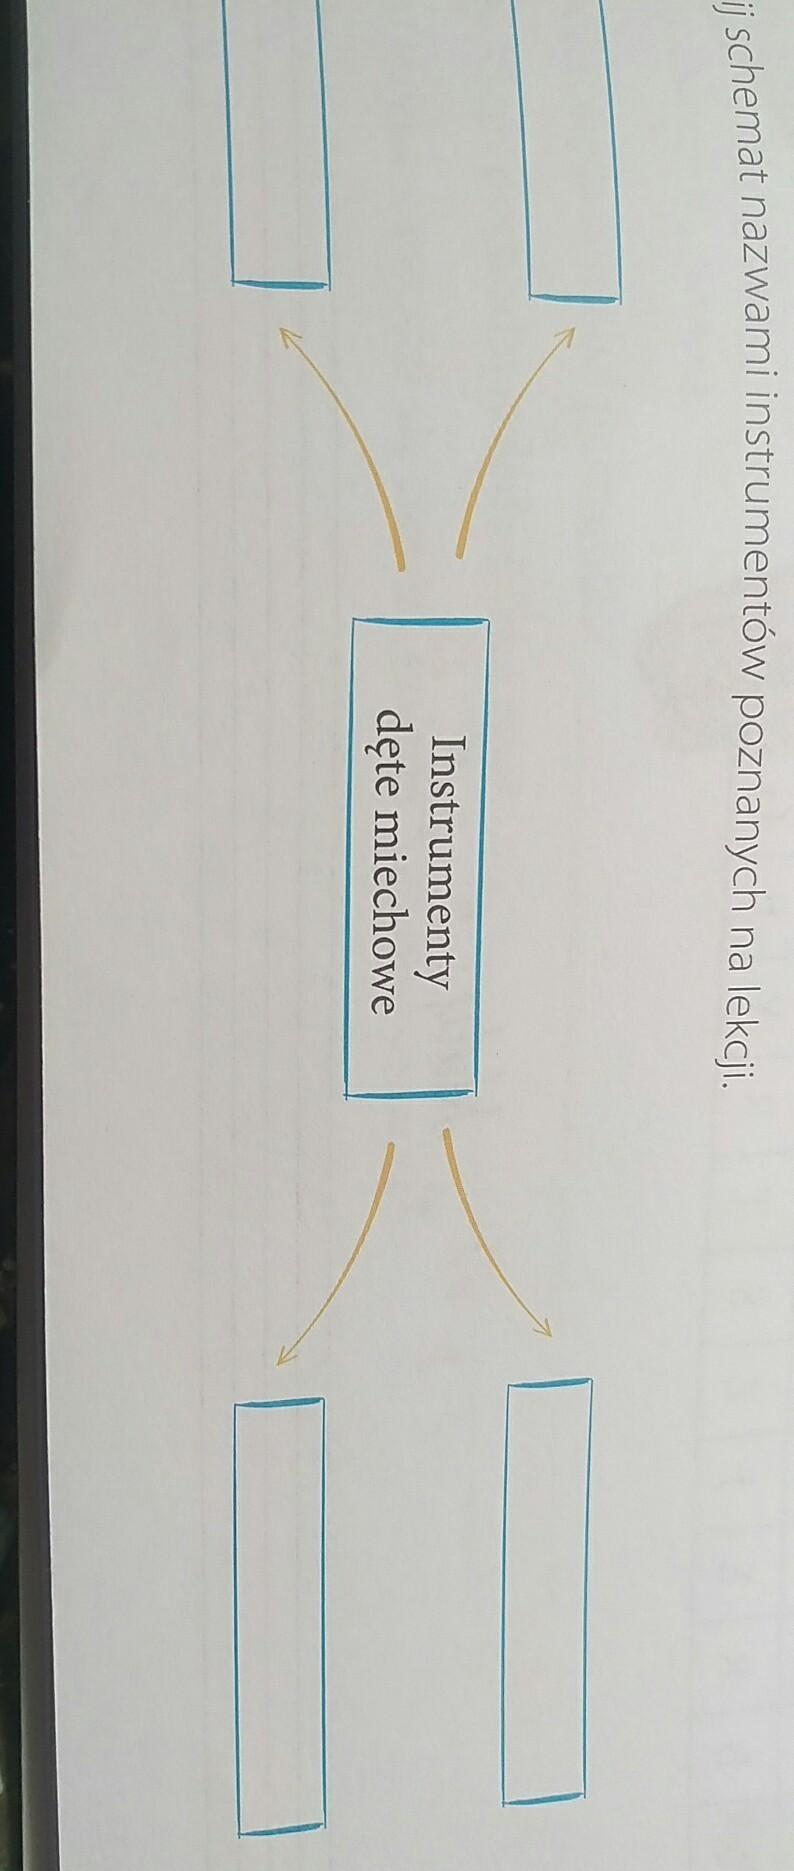 Poważnie Uzupełnij schemat nazwami instrumentów poznanych na UB38